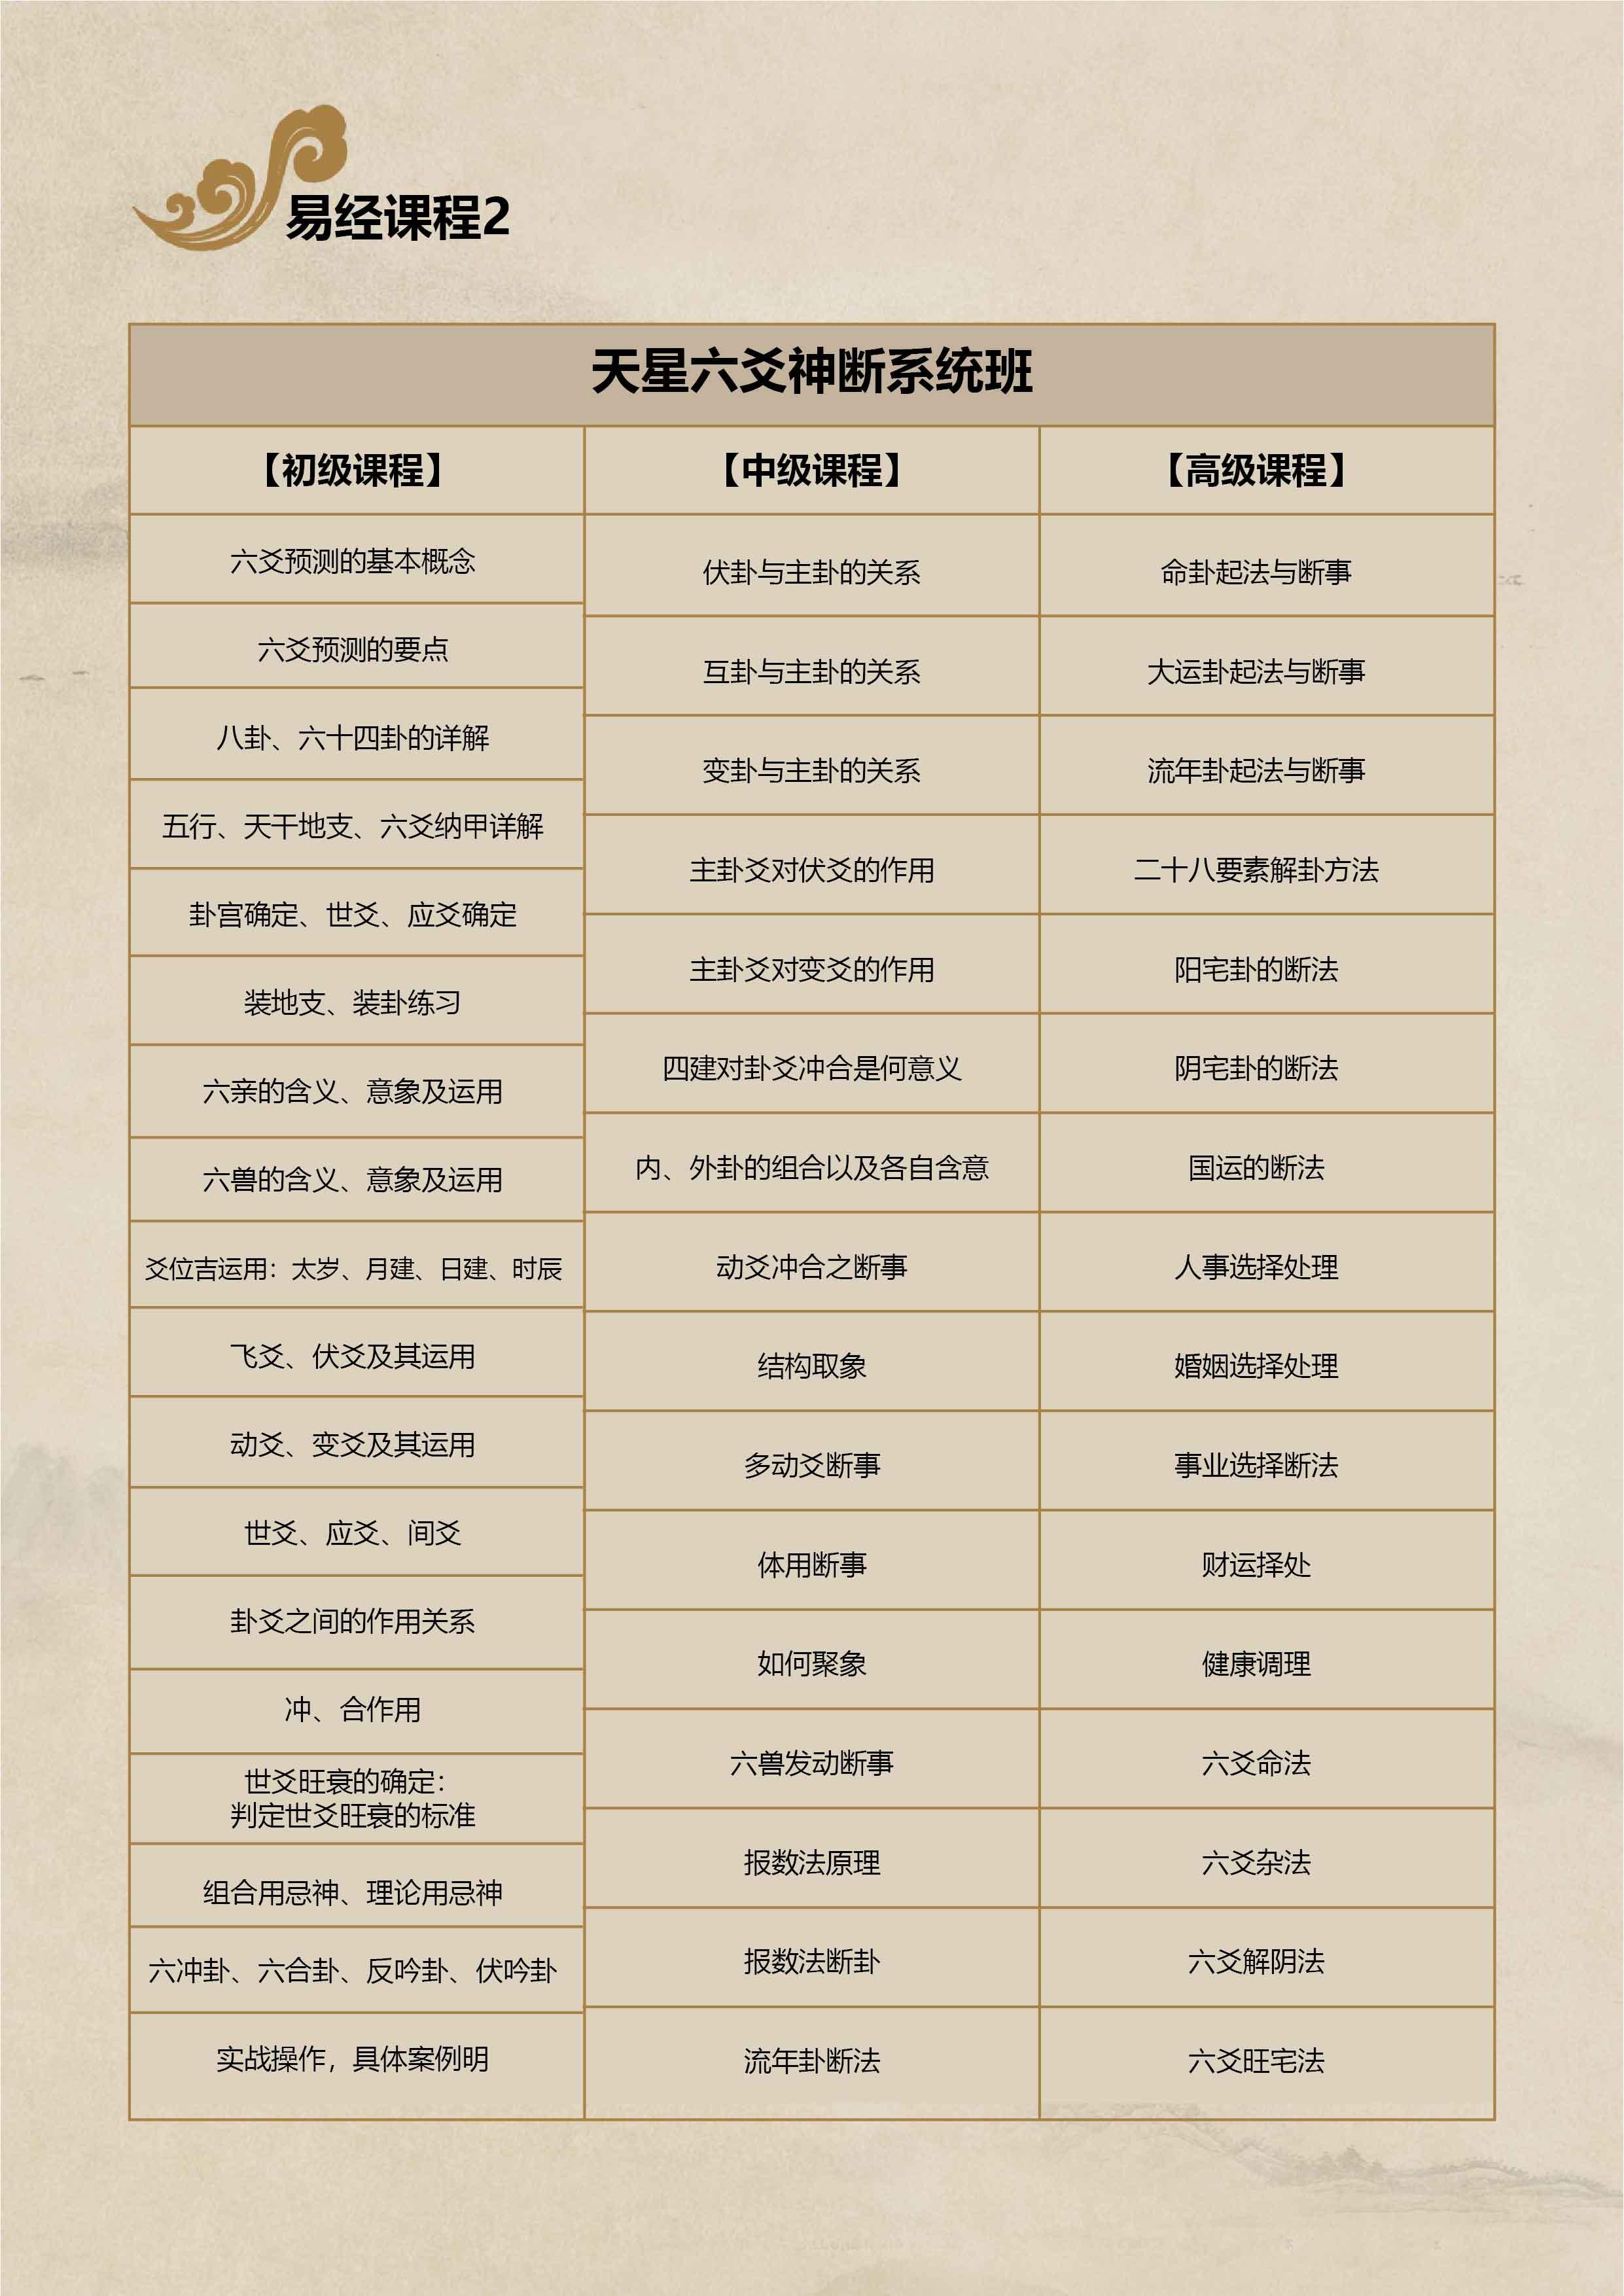 天星六爻神断系统班